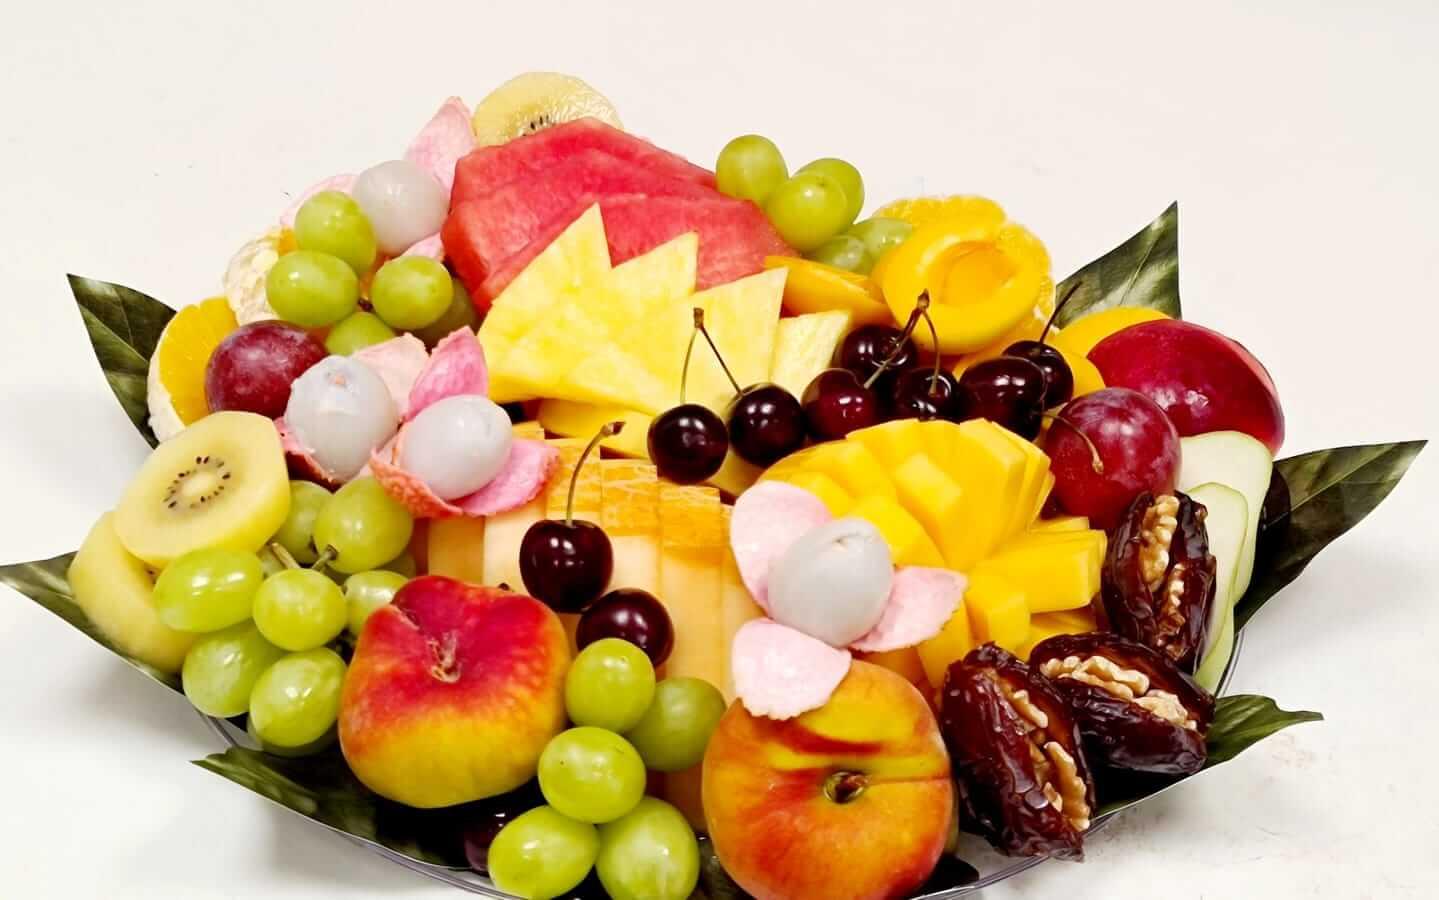 בר פירות לאירועים באלי פרי